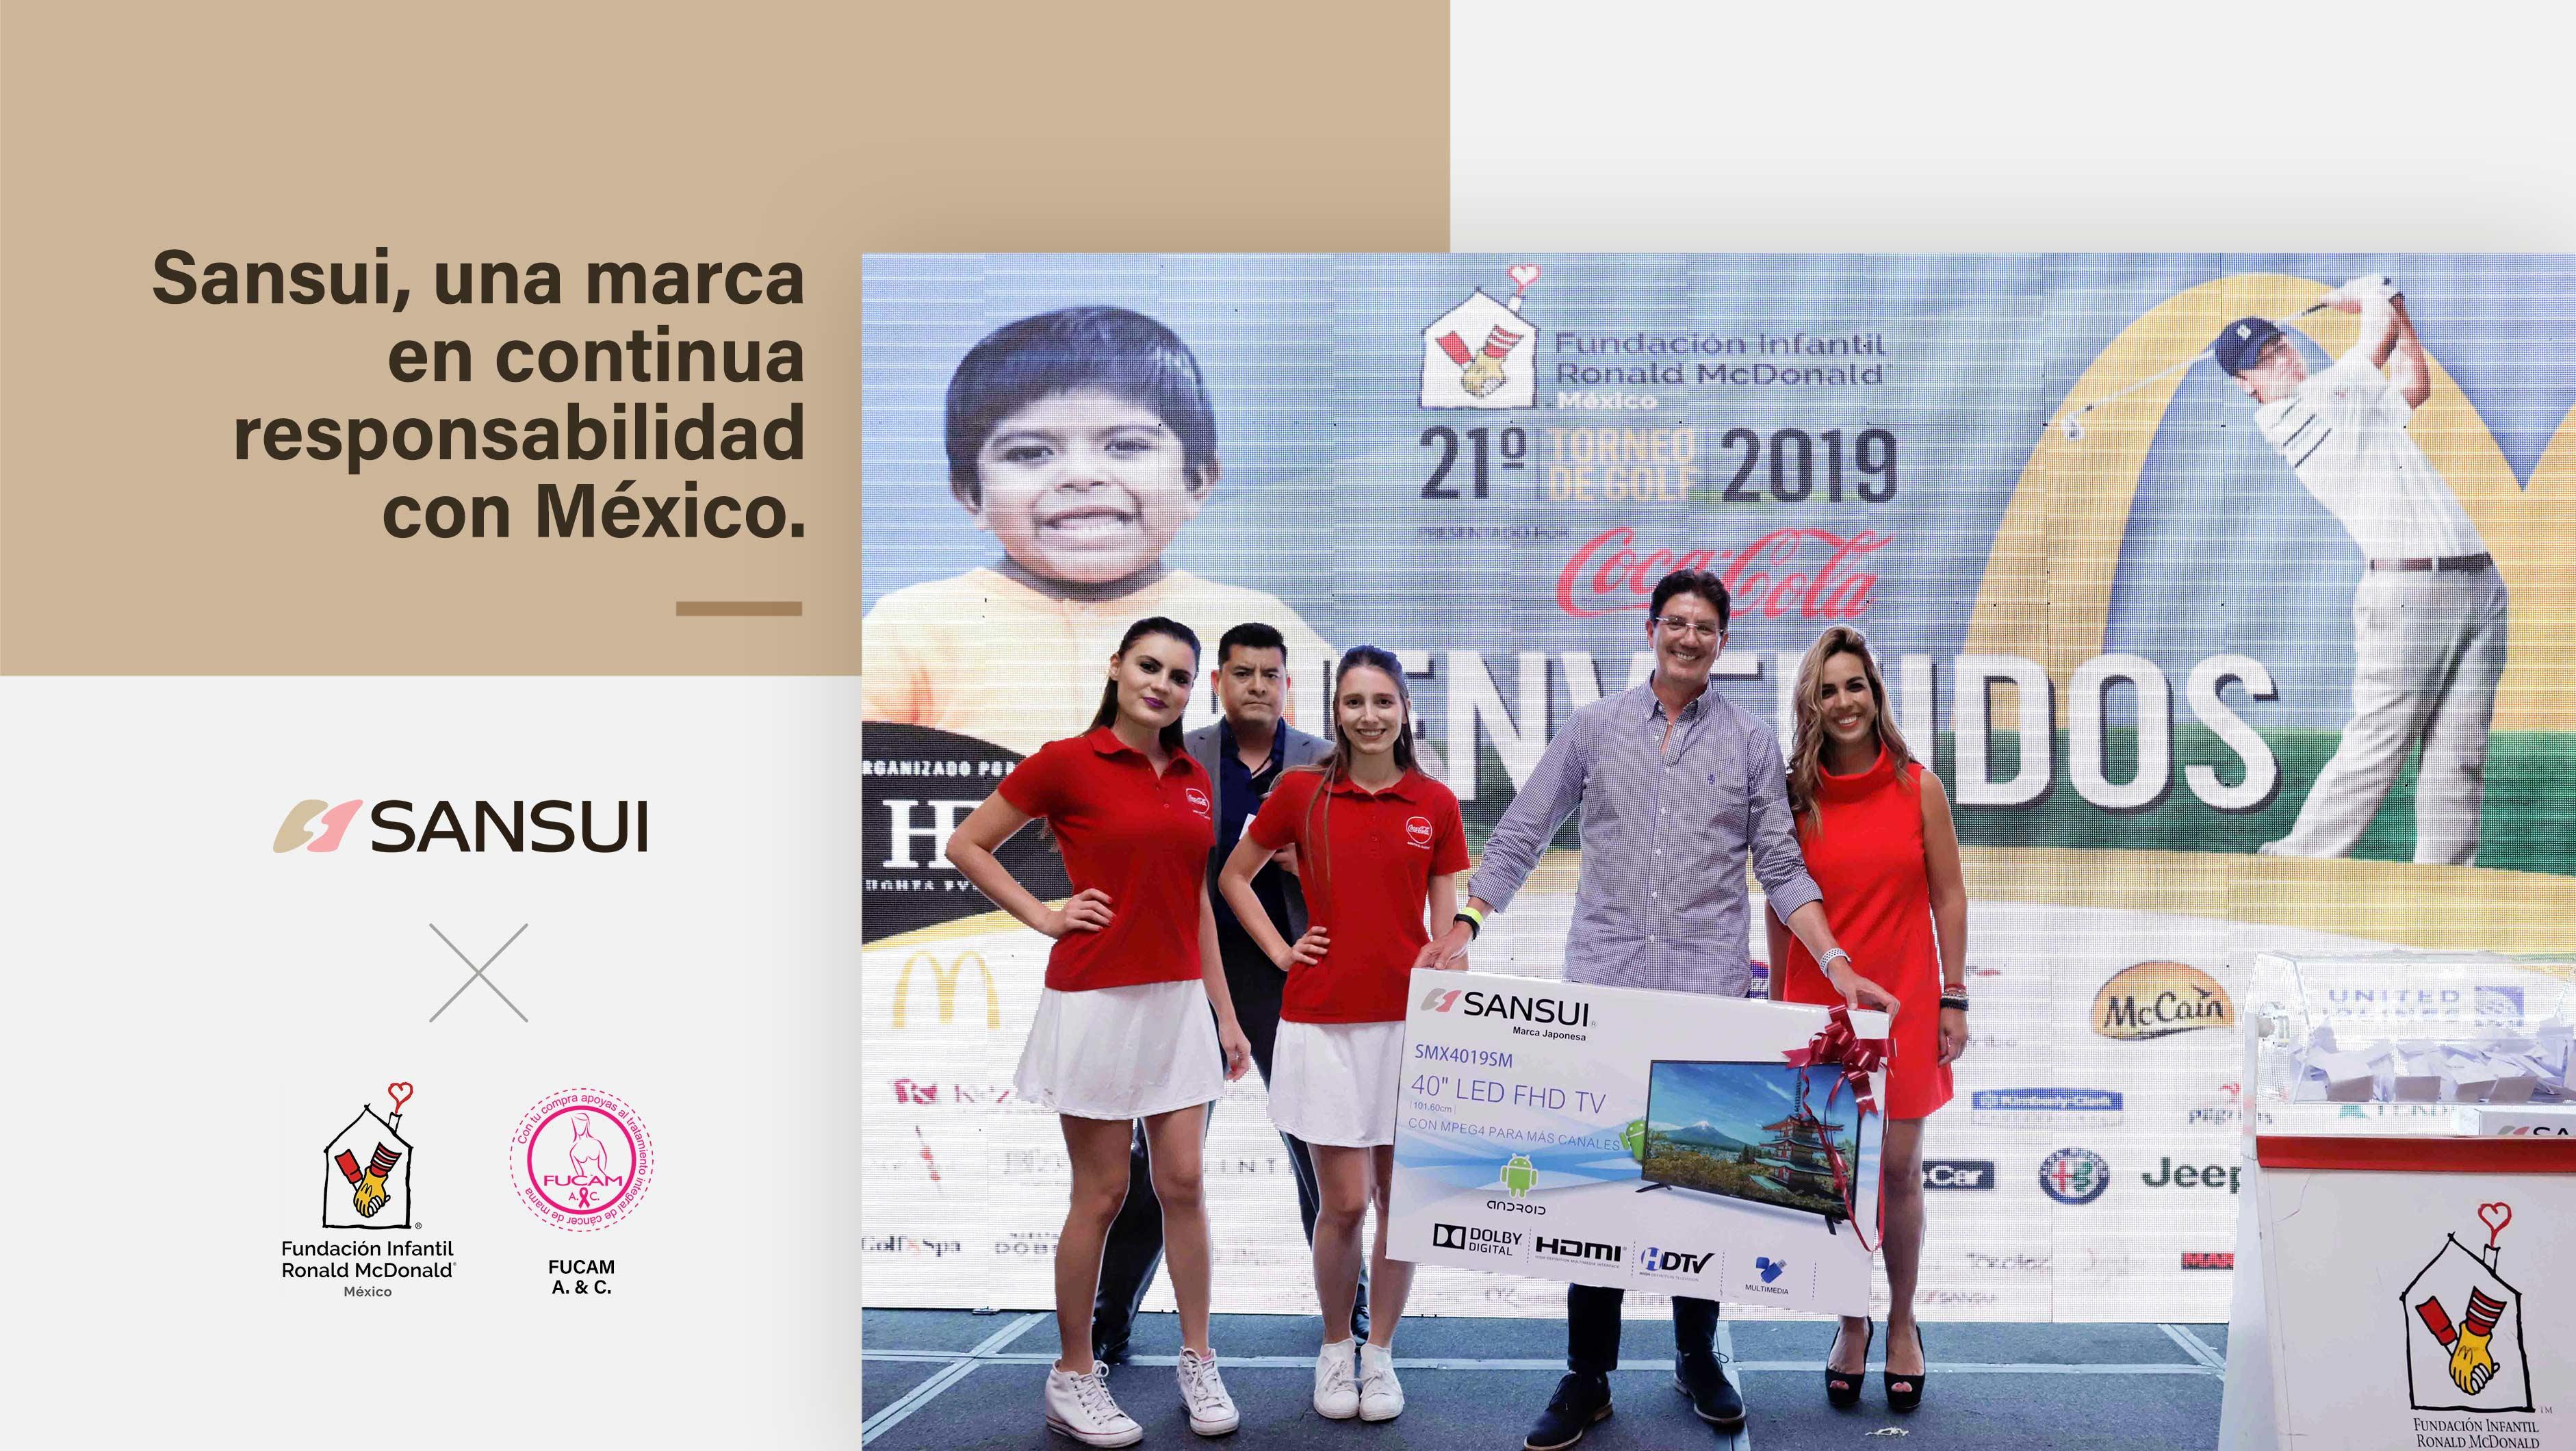 Sansui, una marca en continua responsabilidad con México.